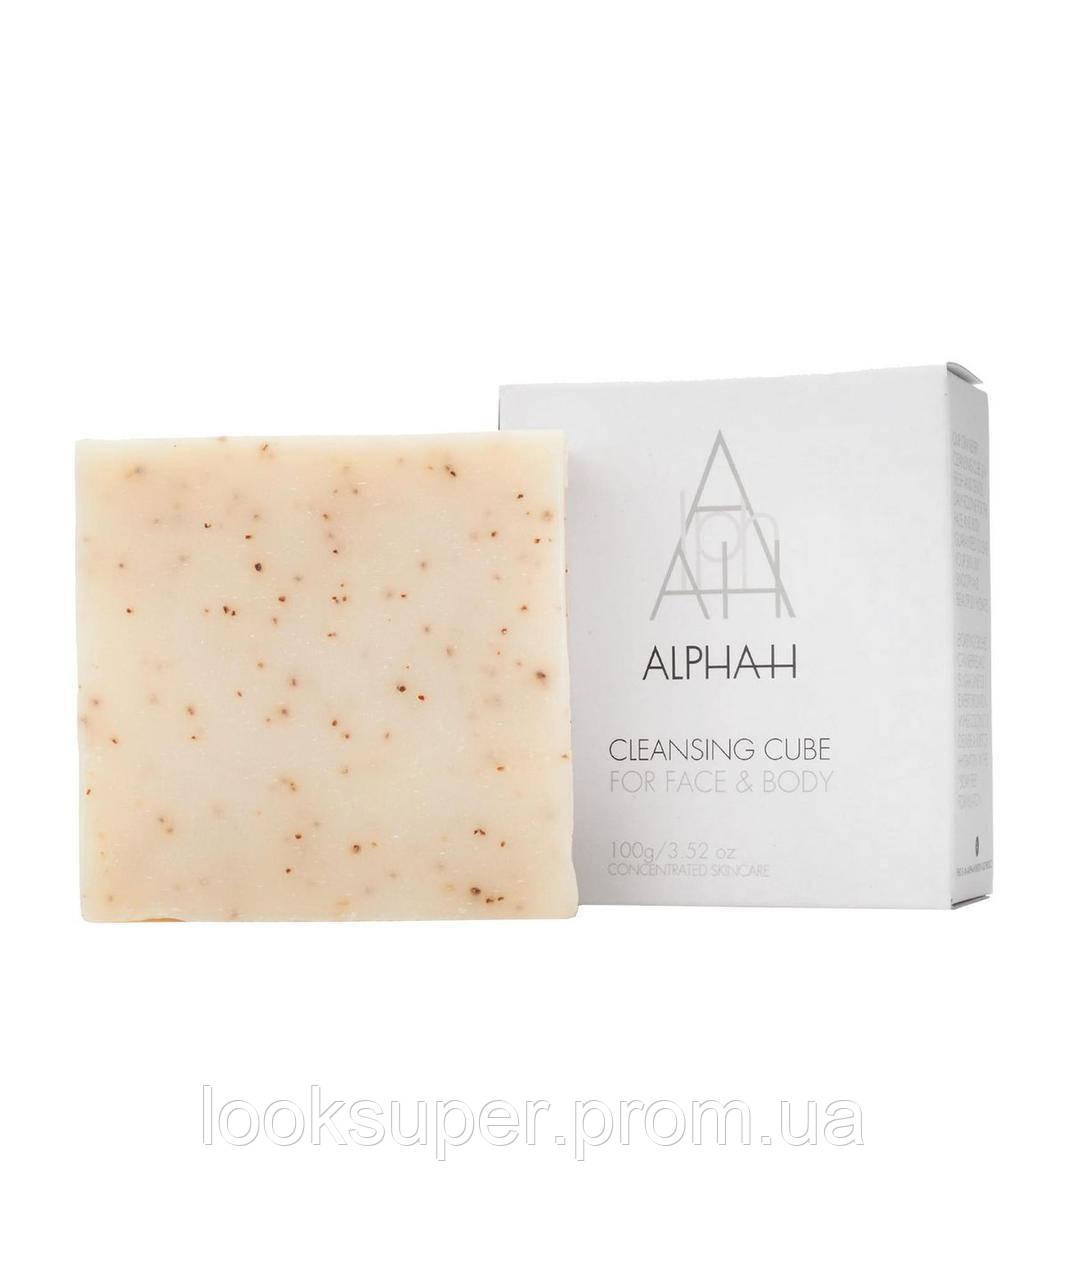 Очищающее средство Alpha-H Cleansing Cube